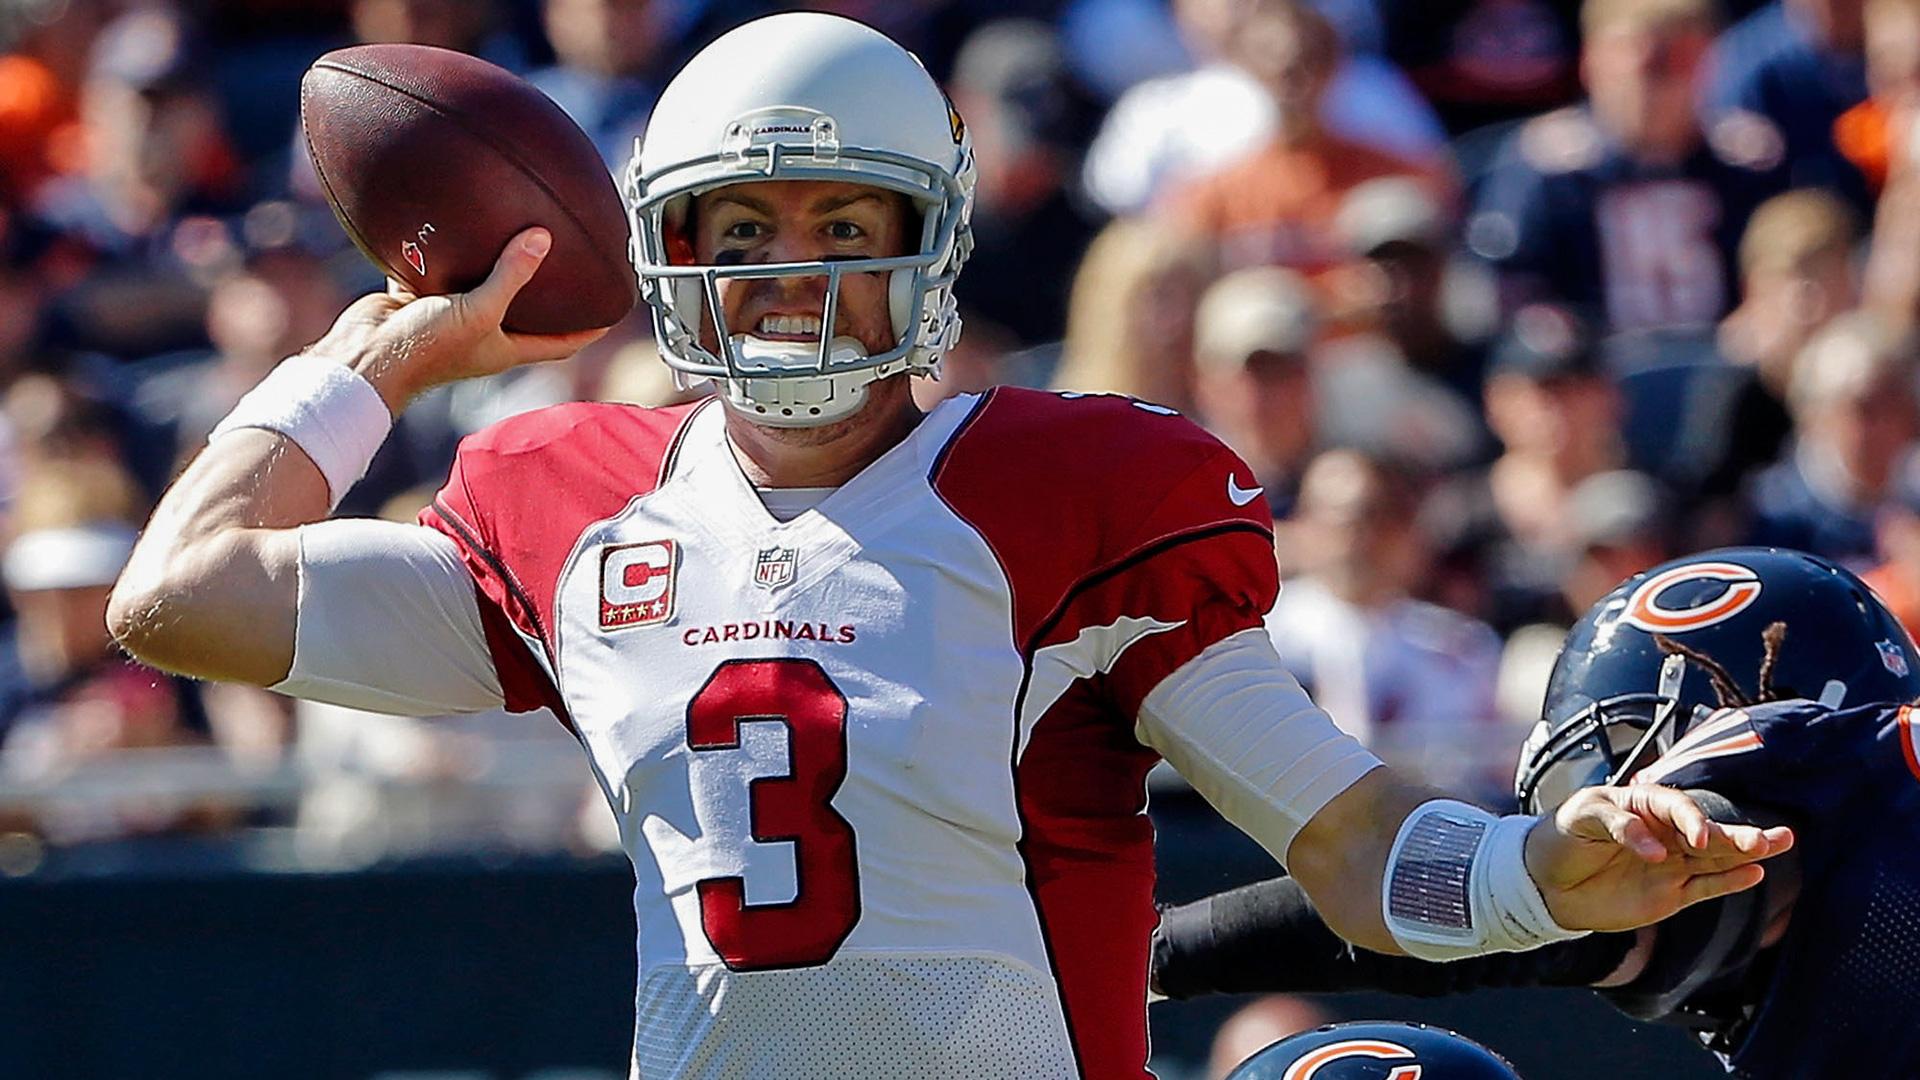 Bengals at Cardinals betting lines and picks - Spread moves toward Arizona, Palmer